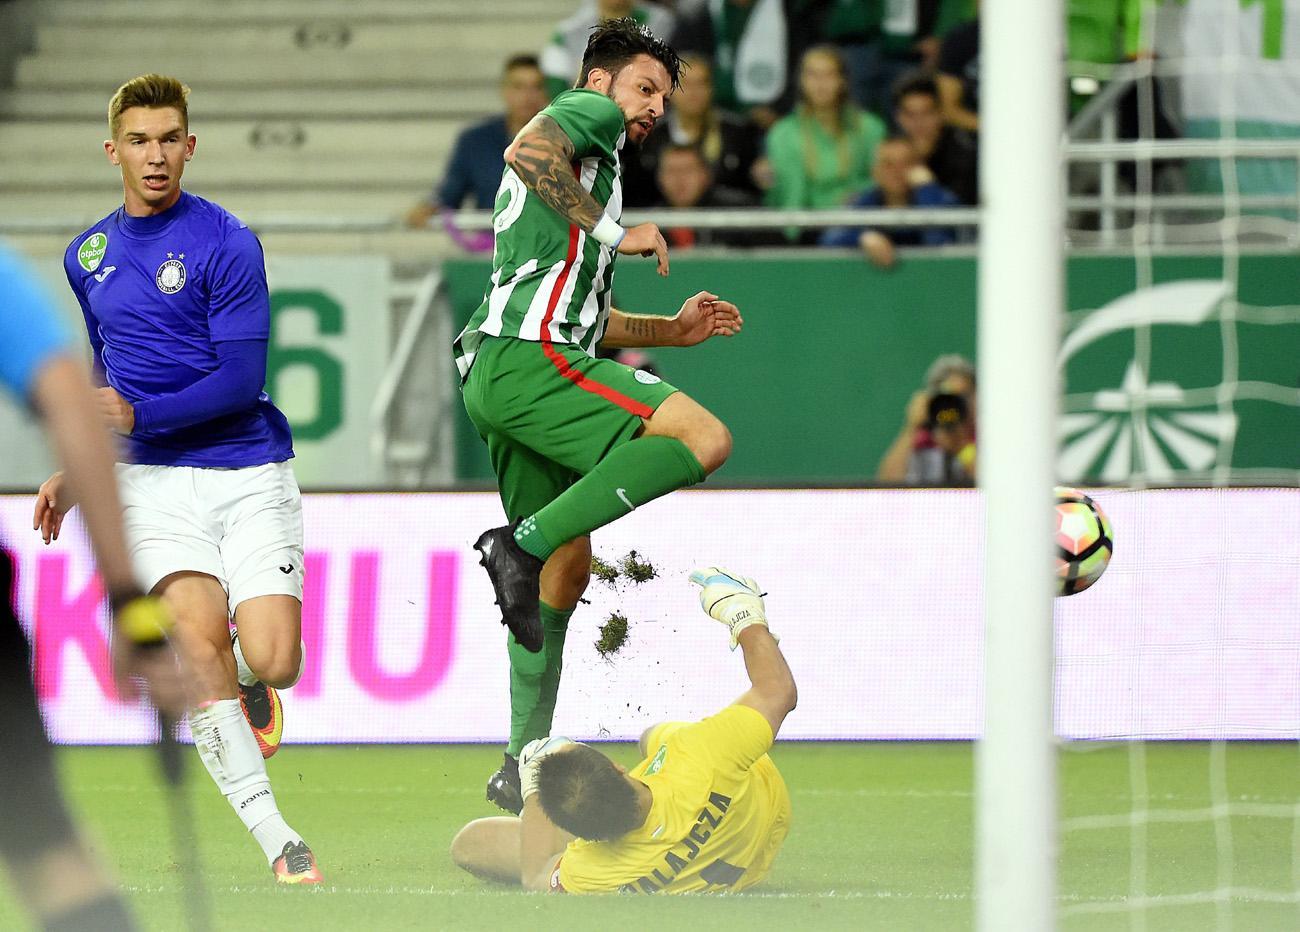 Hat gól az utóbbi évek egyik legjobb magyar bajnoki meccsén